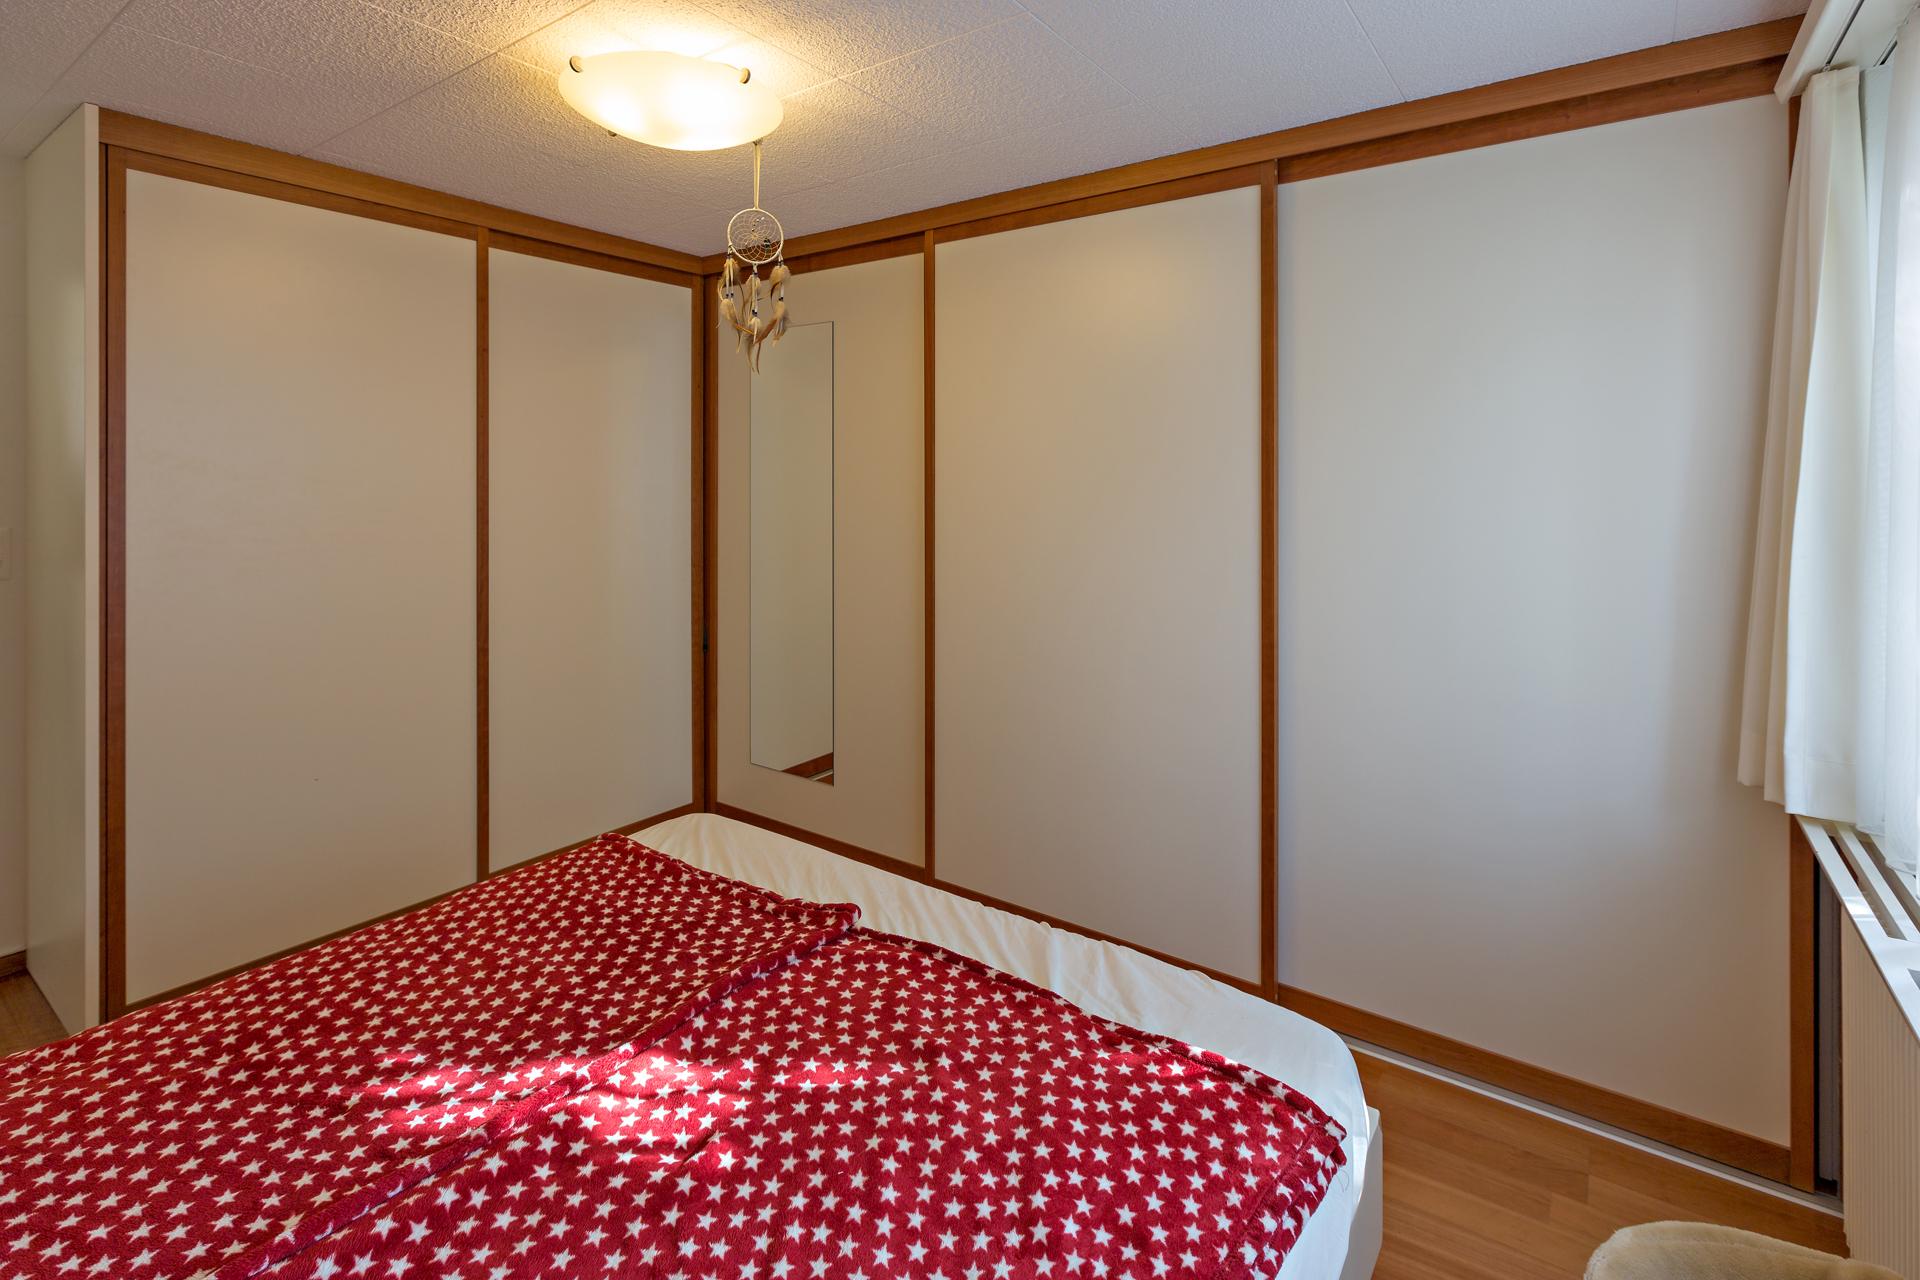 einbaueckschrank mit holzrahment ren im schlafzimmer auf zu. Black Bedroom Furniture Sets. Home Design Ideas